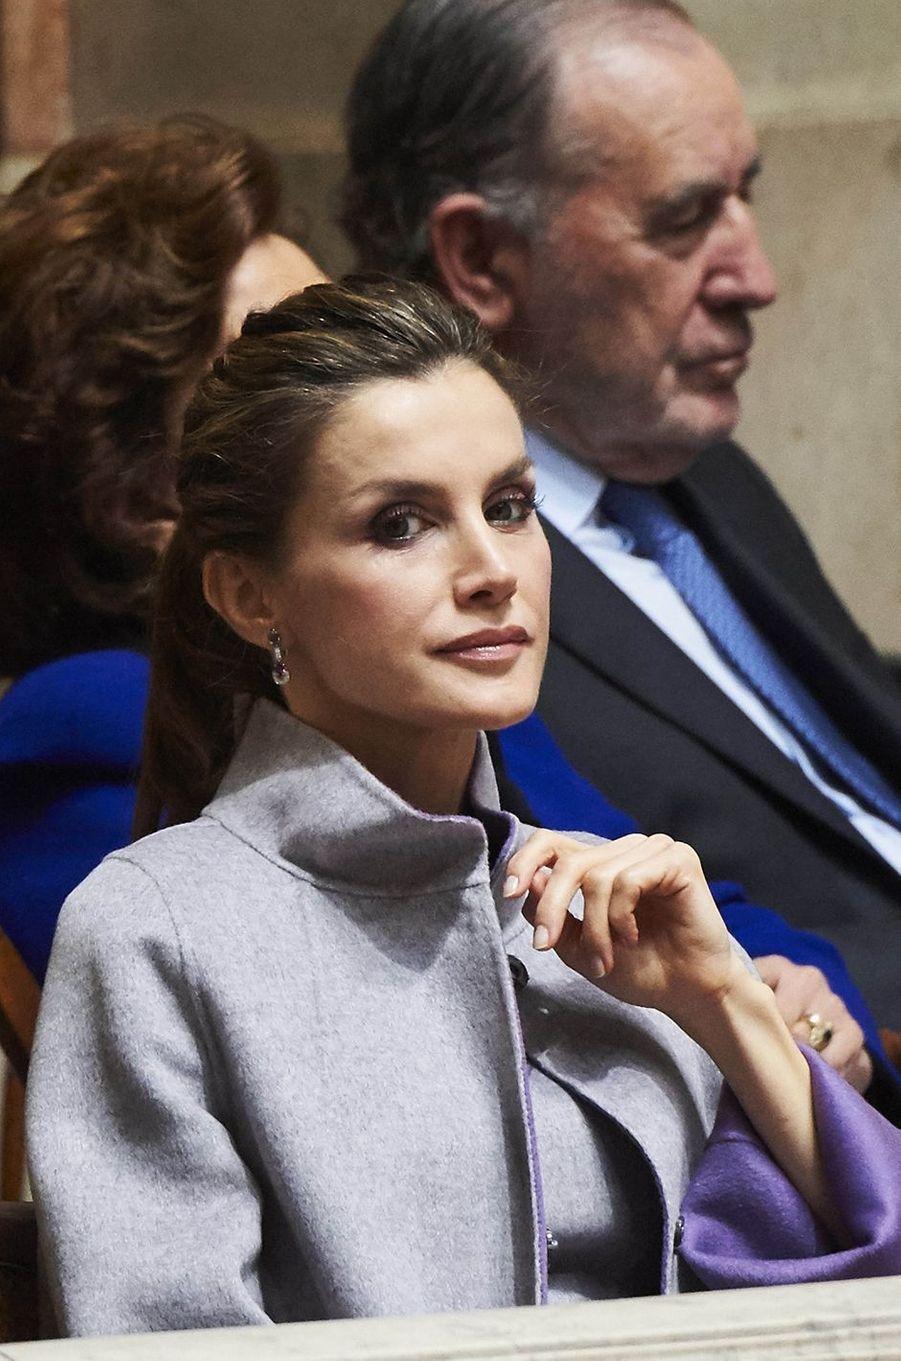 La reine Letizia d'Espagne écoute le discours de Felipe VI au Palais de Sao Bento à Lisbonne, le 30 novembre 2016